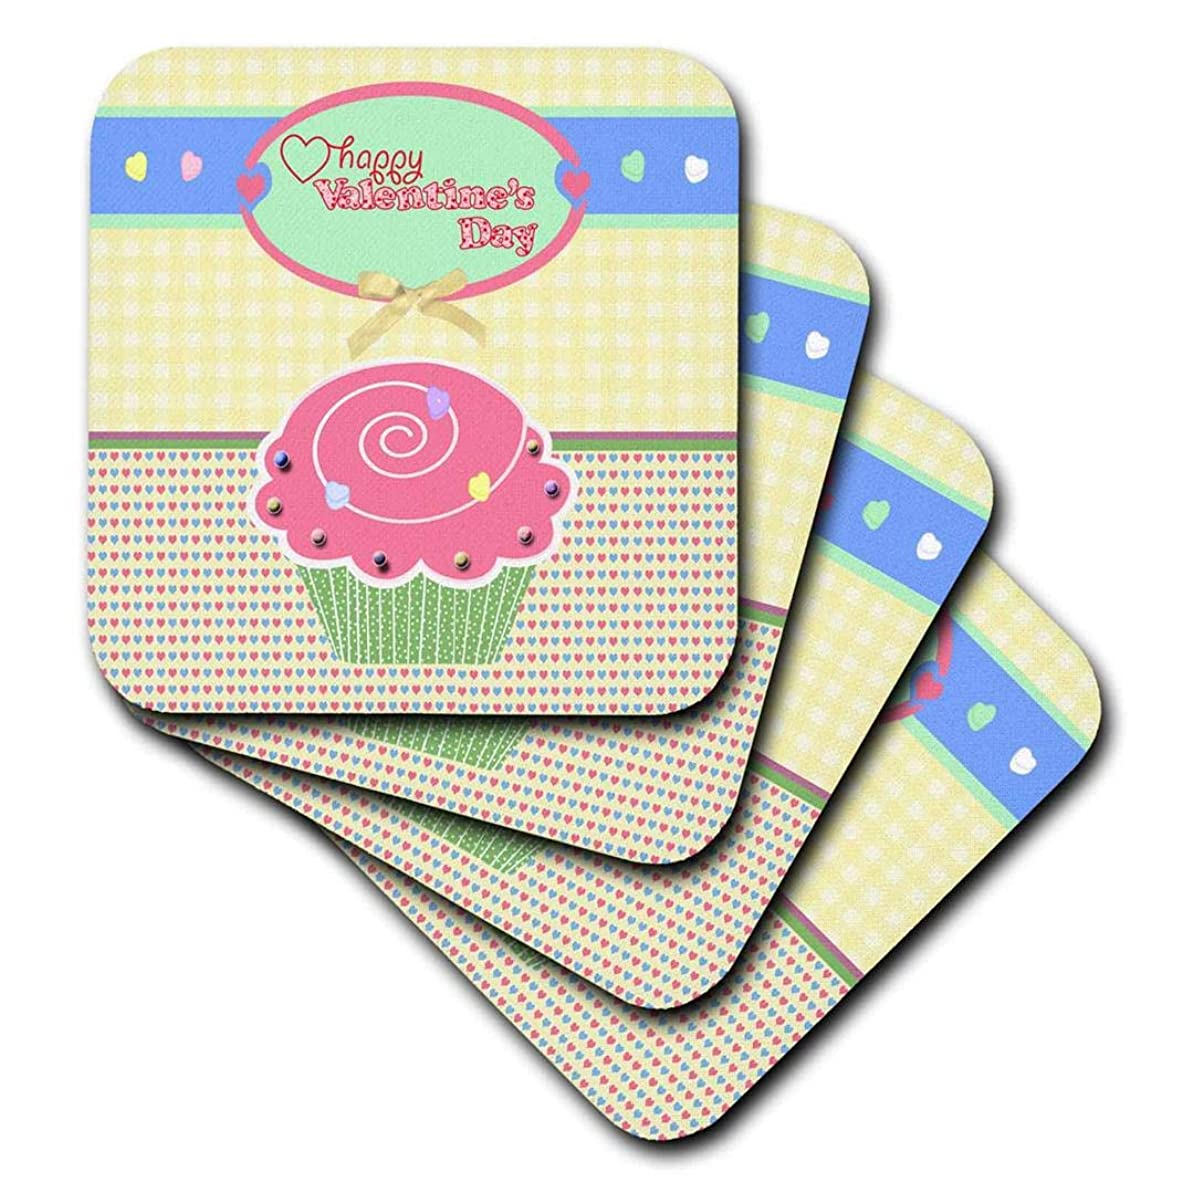 有名人ギャングスターハック(set-of-8-Soft) - 3dRose Valentine Pink Cupcake with Candies on Yellow Gingham and Tiny Hearts - Soft Coasters, Set of 8 (cst_173154_2)